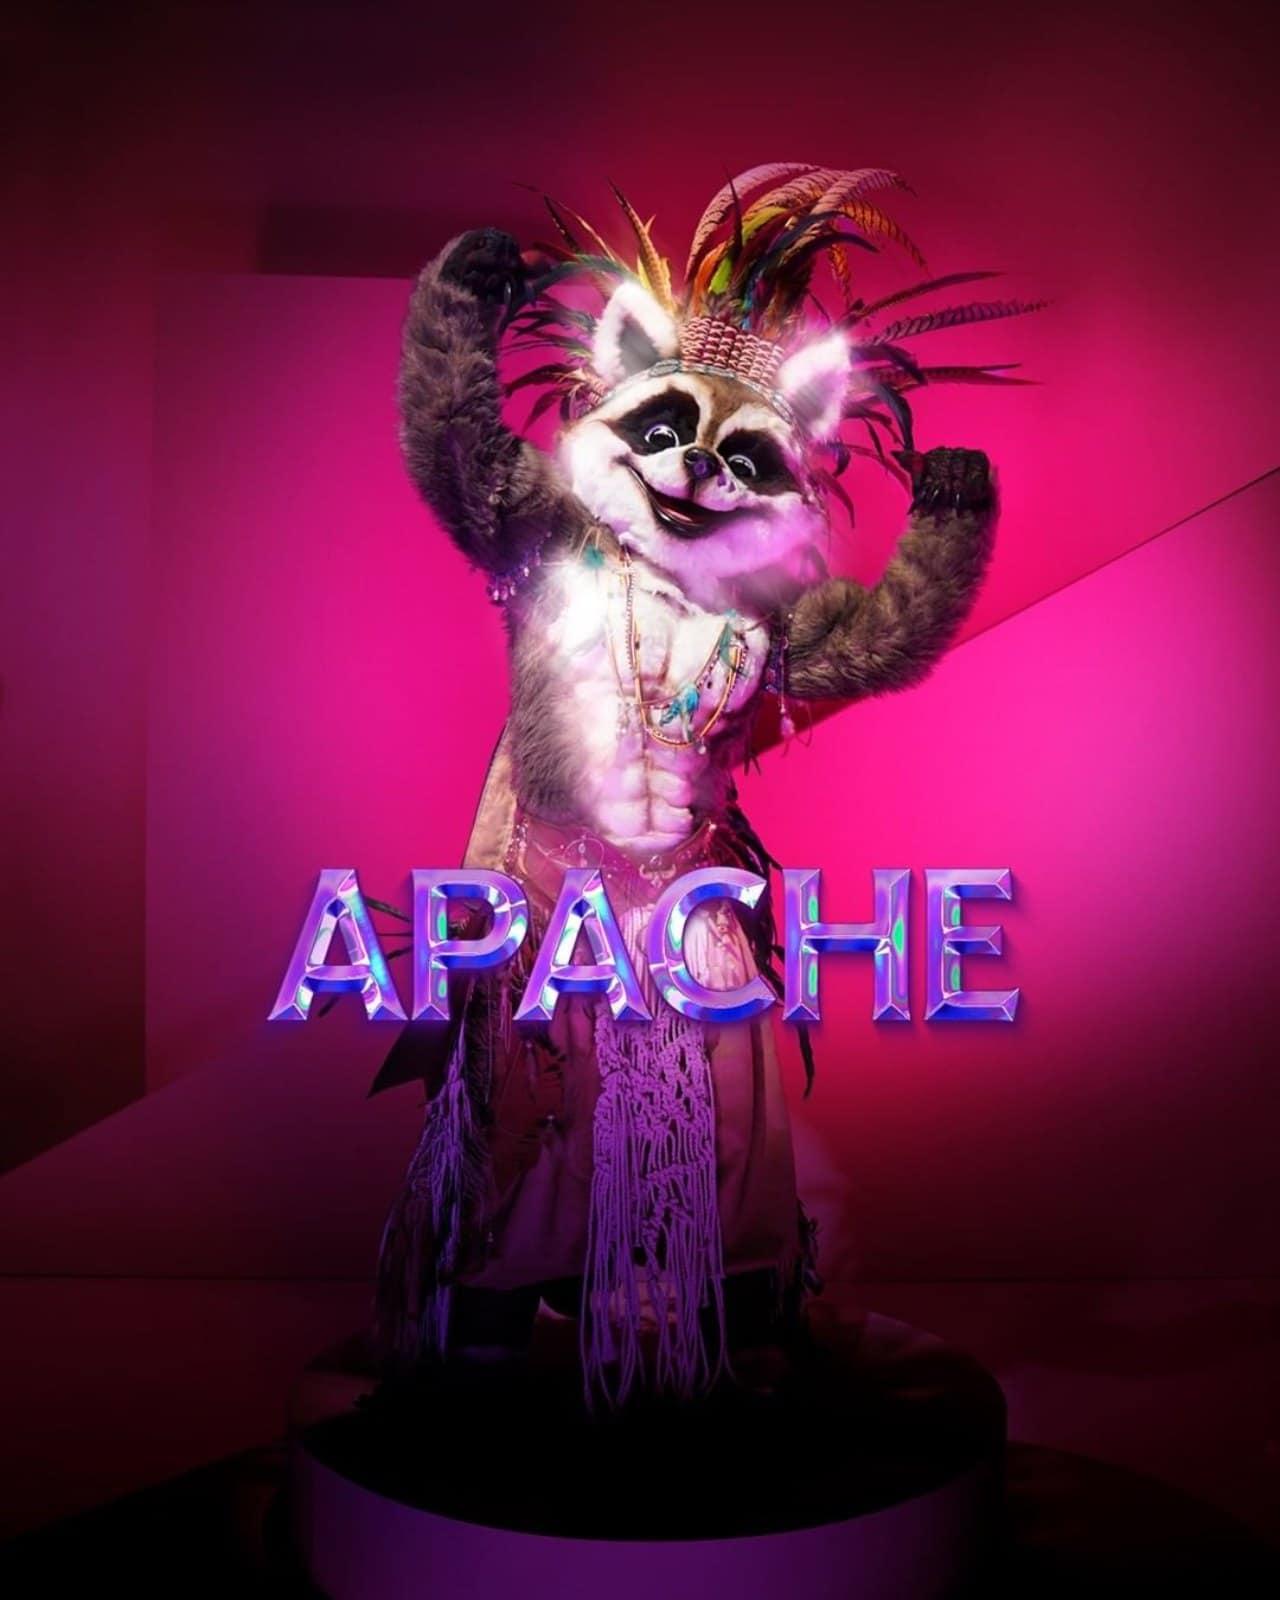 Apache en Quien es la mascara